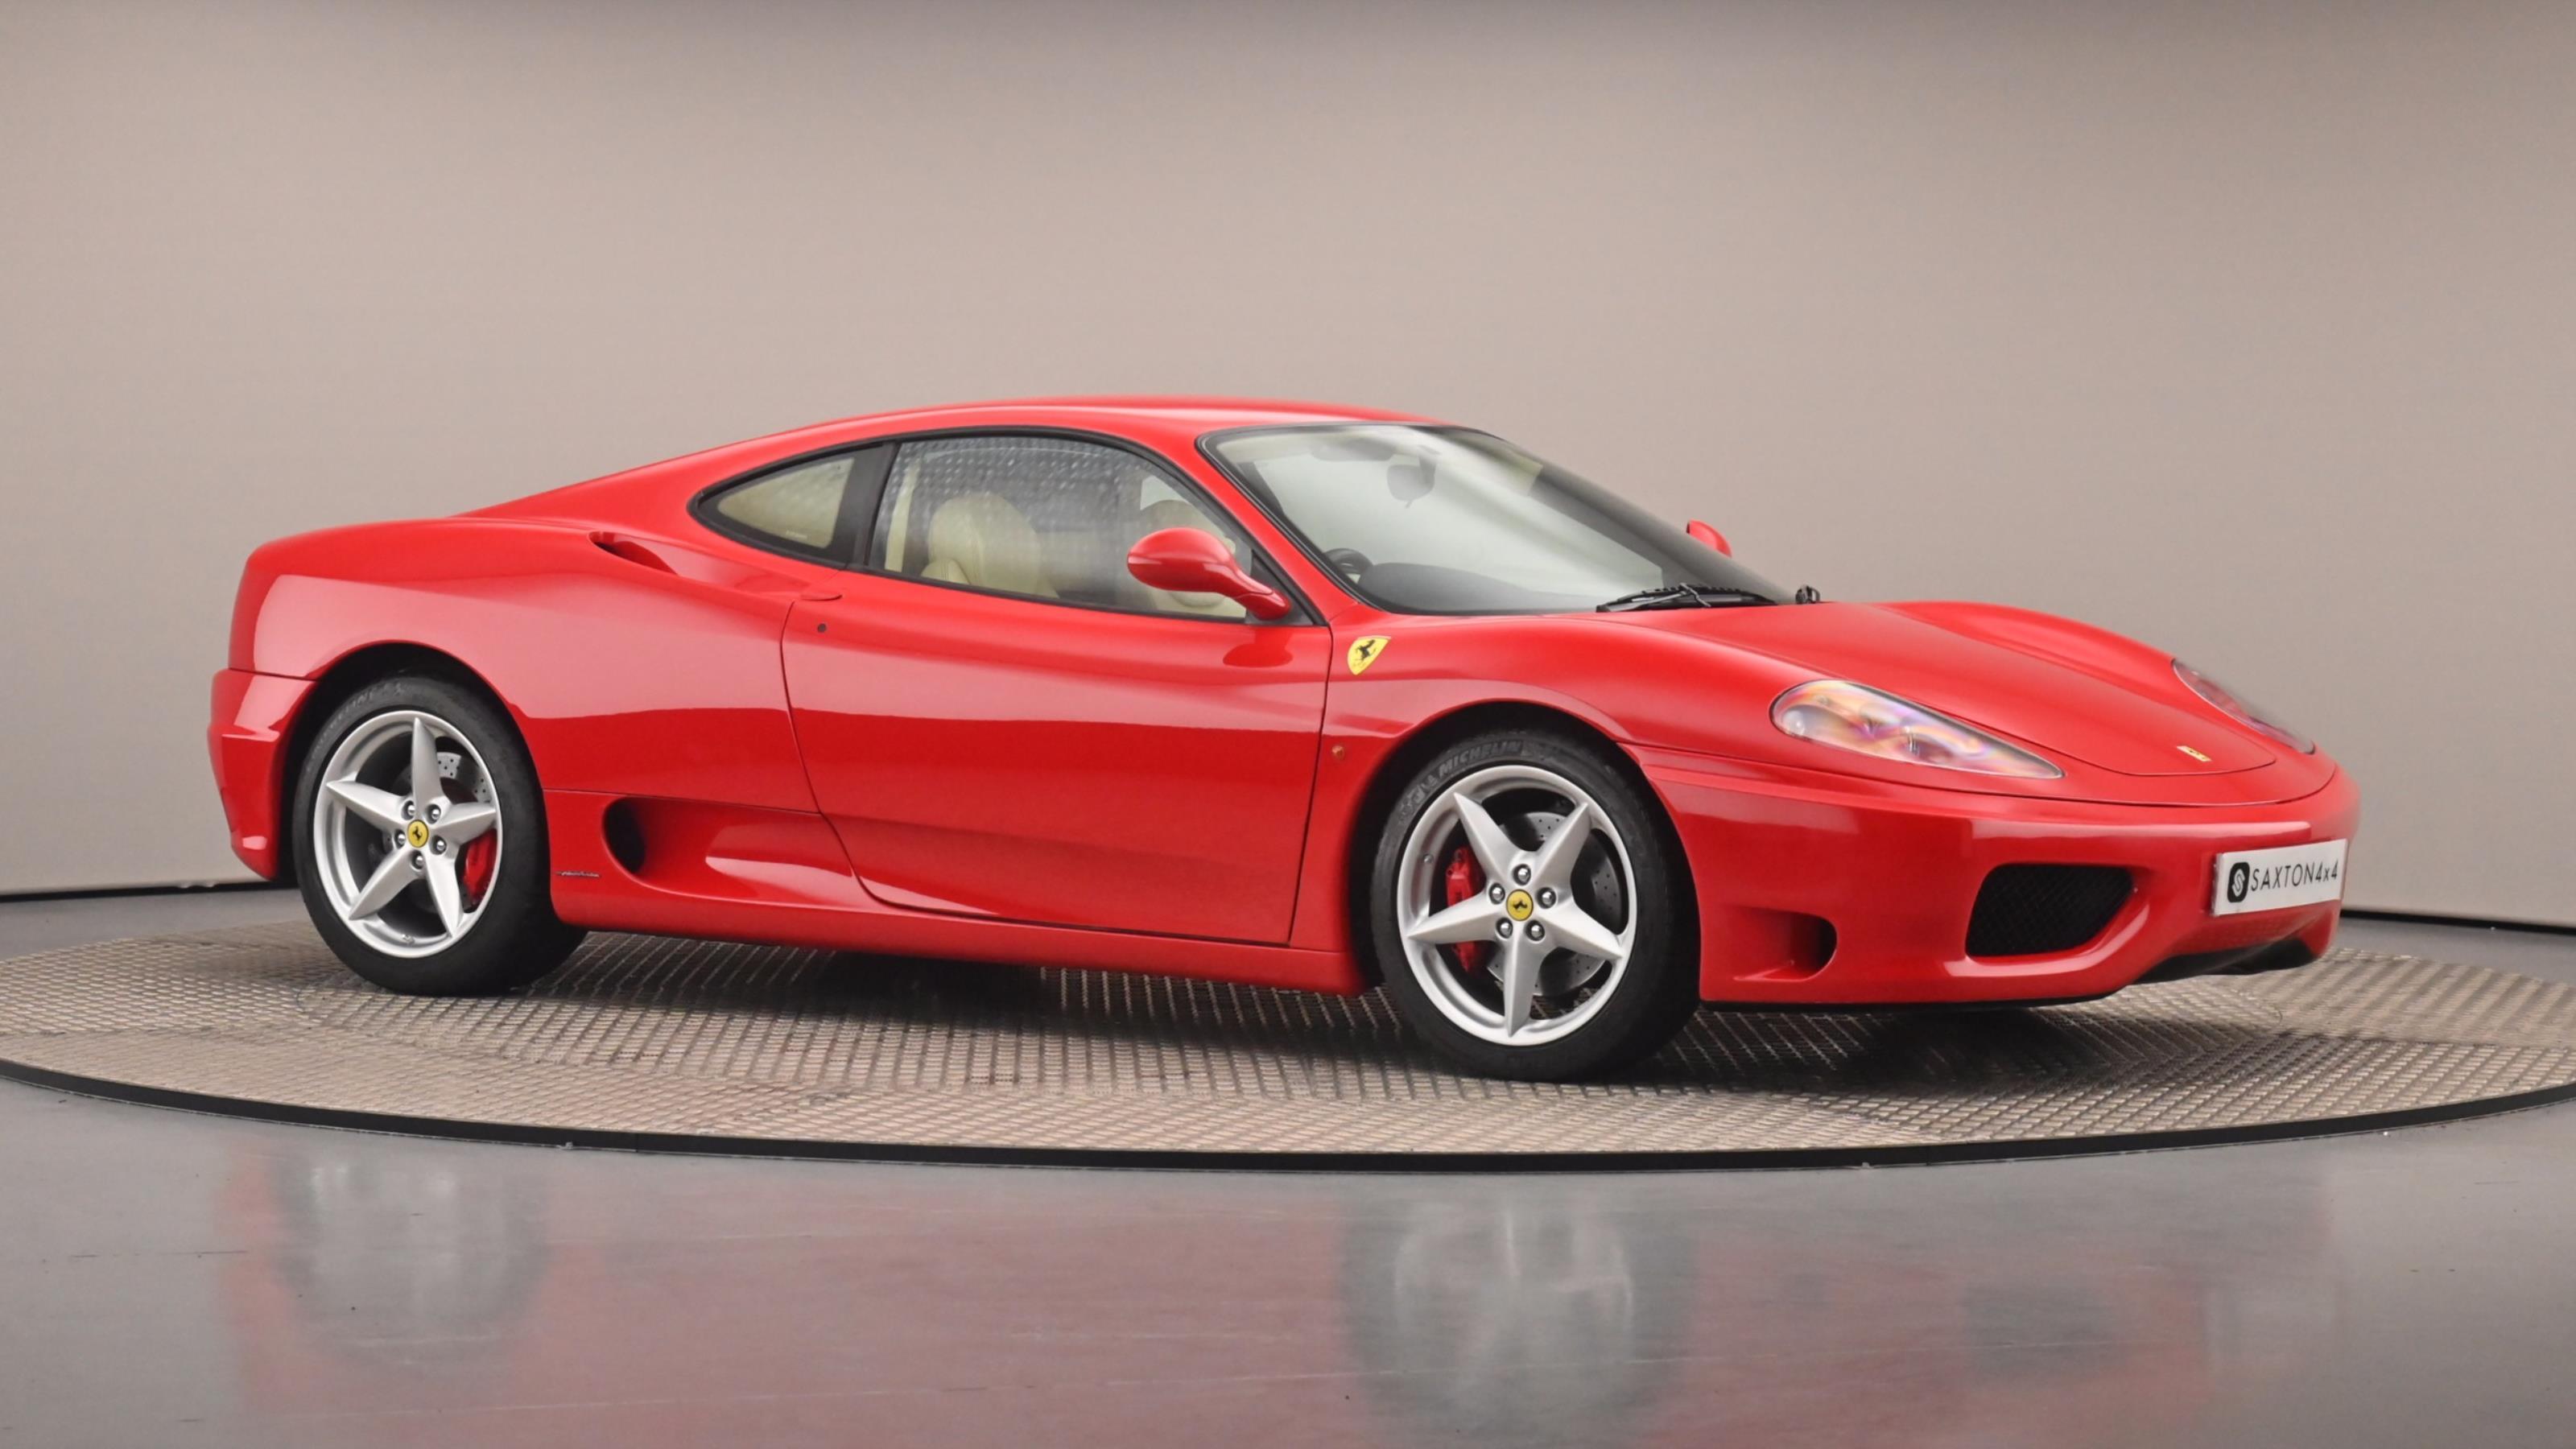 Used 1999 Ferrari 360M Modena 2dr F1 RED at Saxton4x4